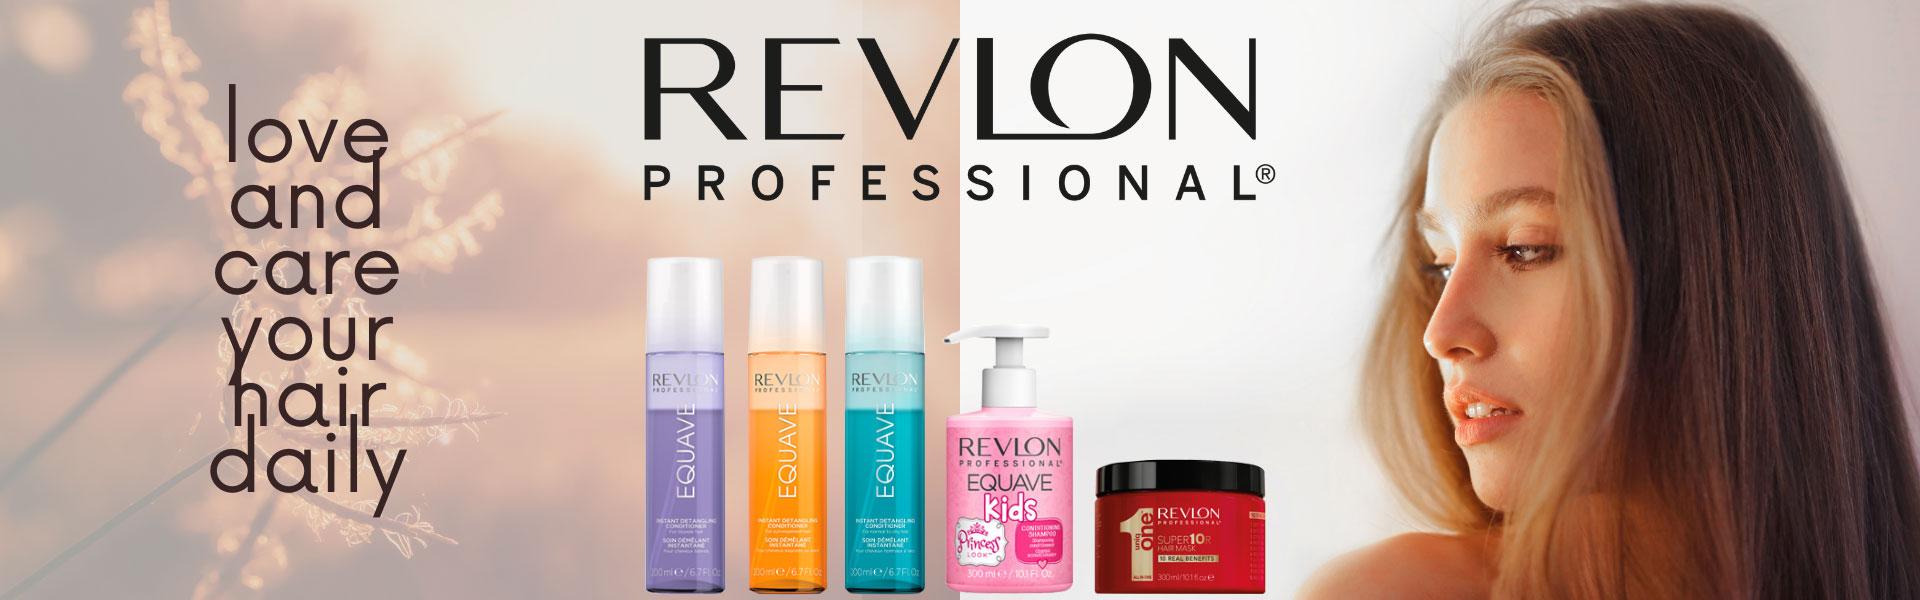 Revolon